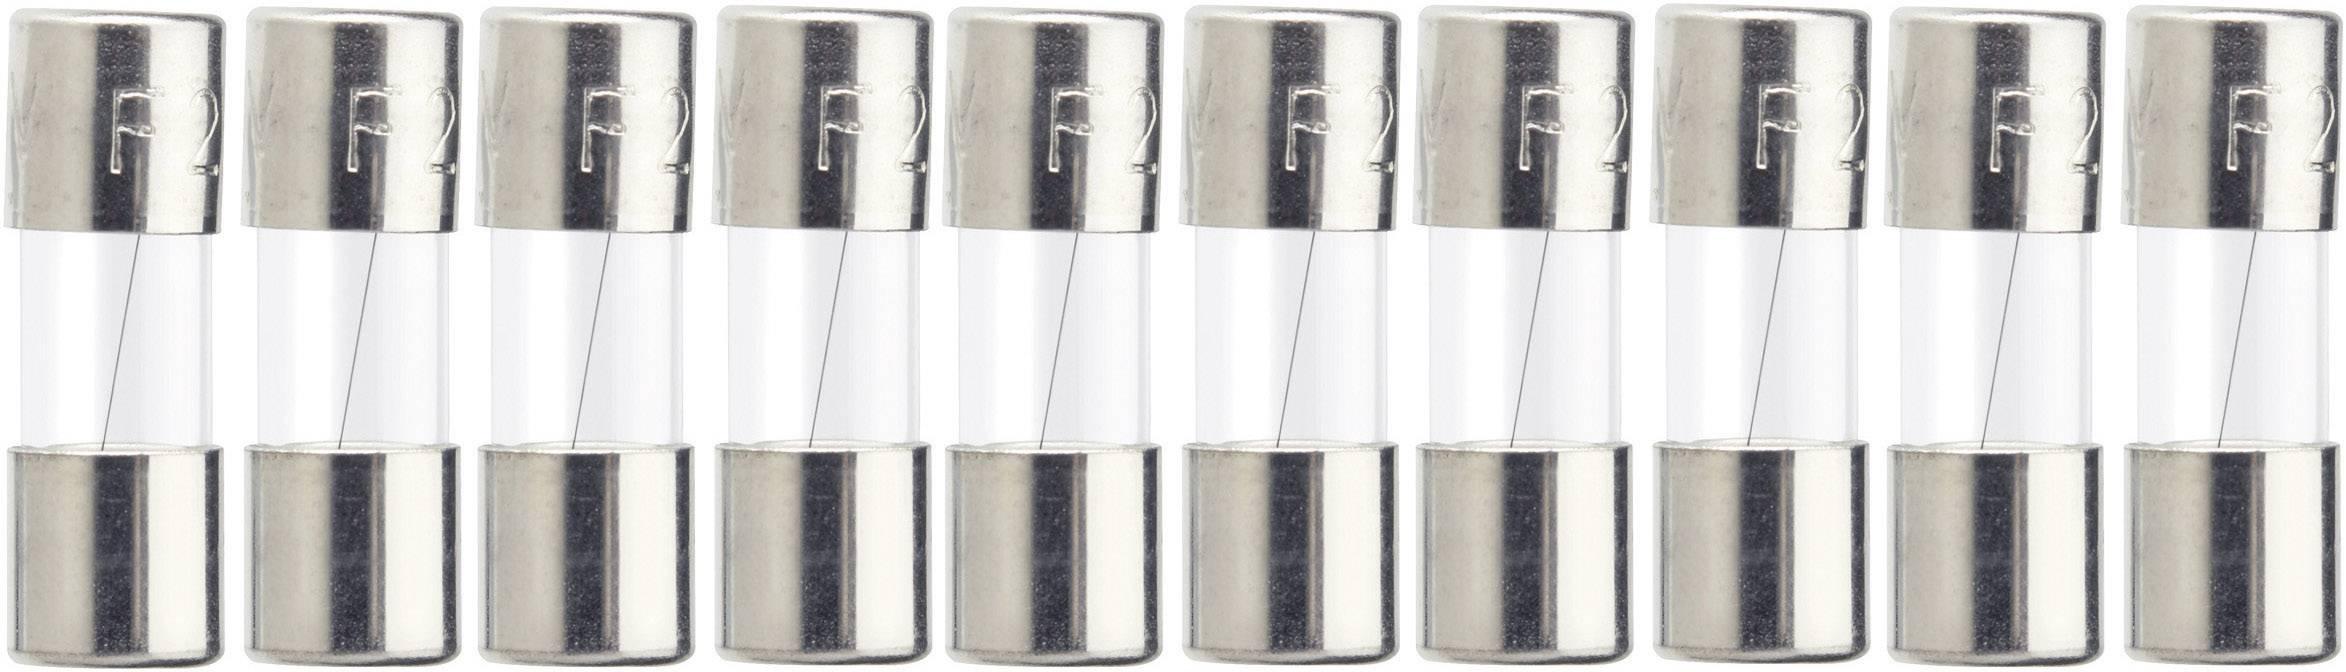 Jemná poistka ESKA 515620, 2 A, 250 V, (Ø x d) 5 mm x 15 mm, rýchly -F-, 10 ks